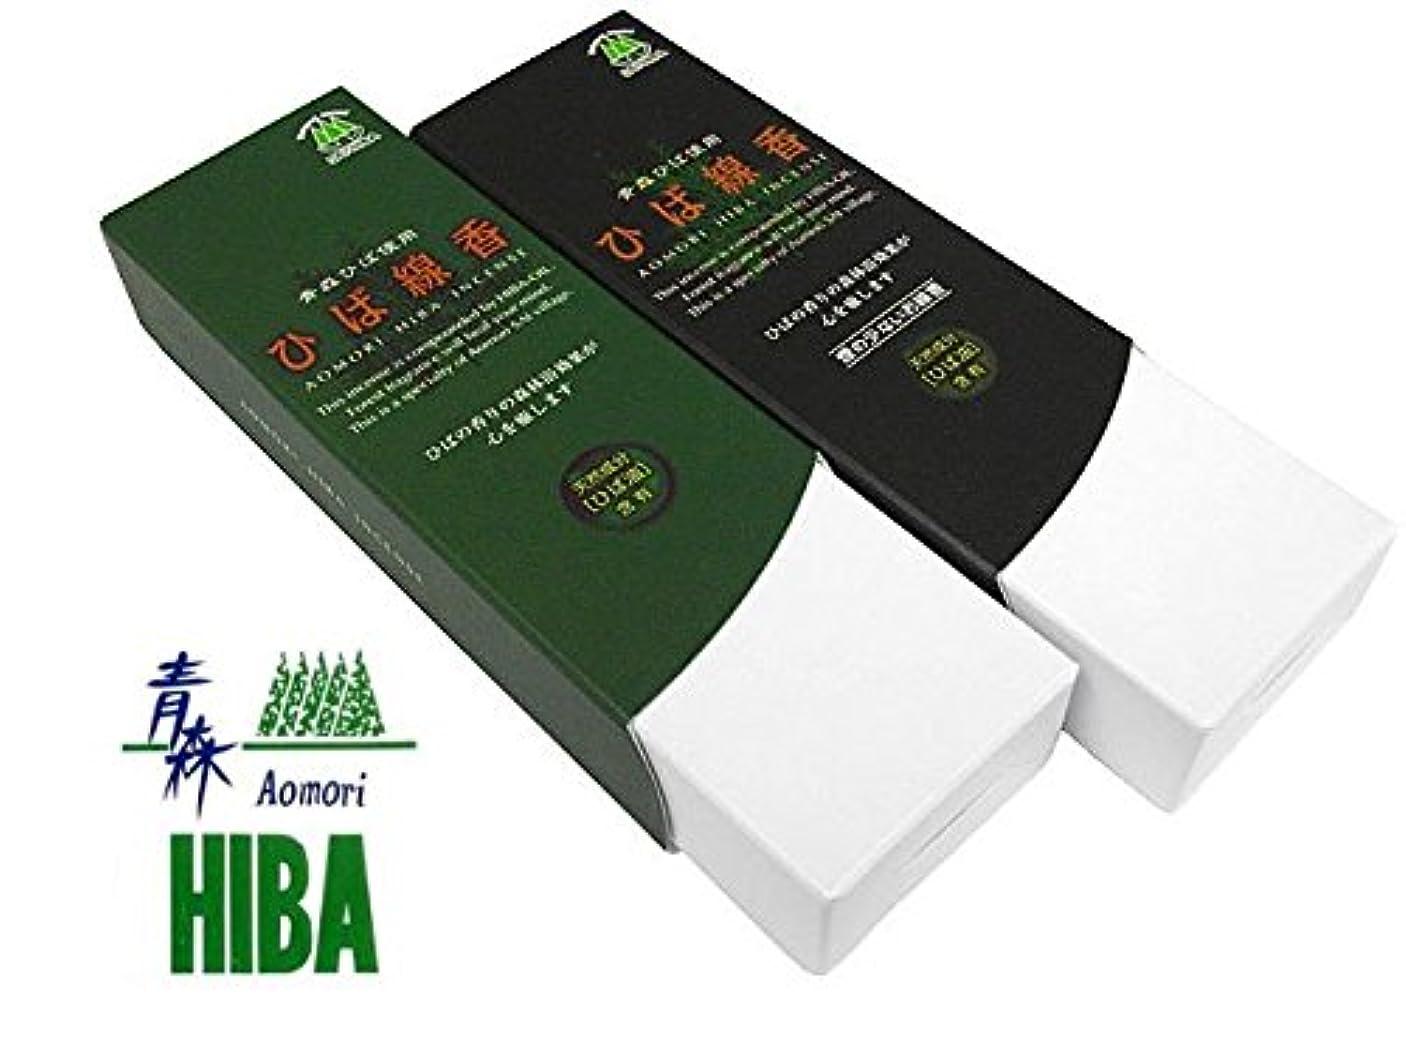 青森ひば 青森ヒバのお 黒と緑のお手軽サイズ2箱セット 天然ひば製油配合の清々しい木の香り